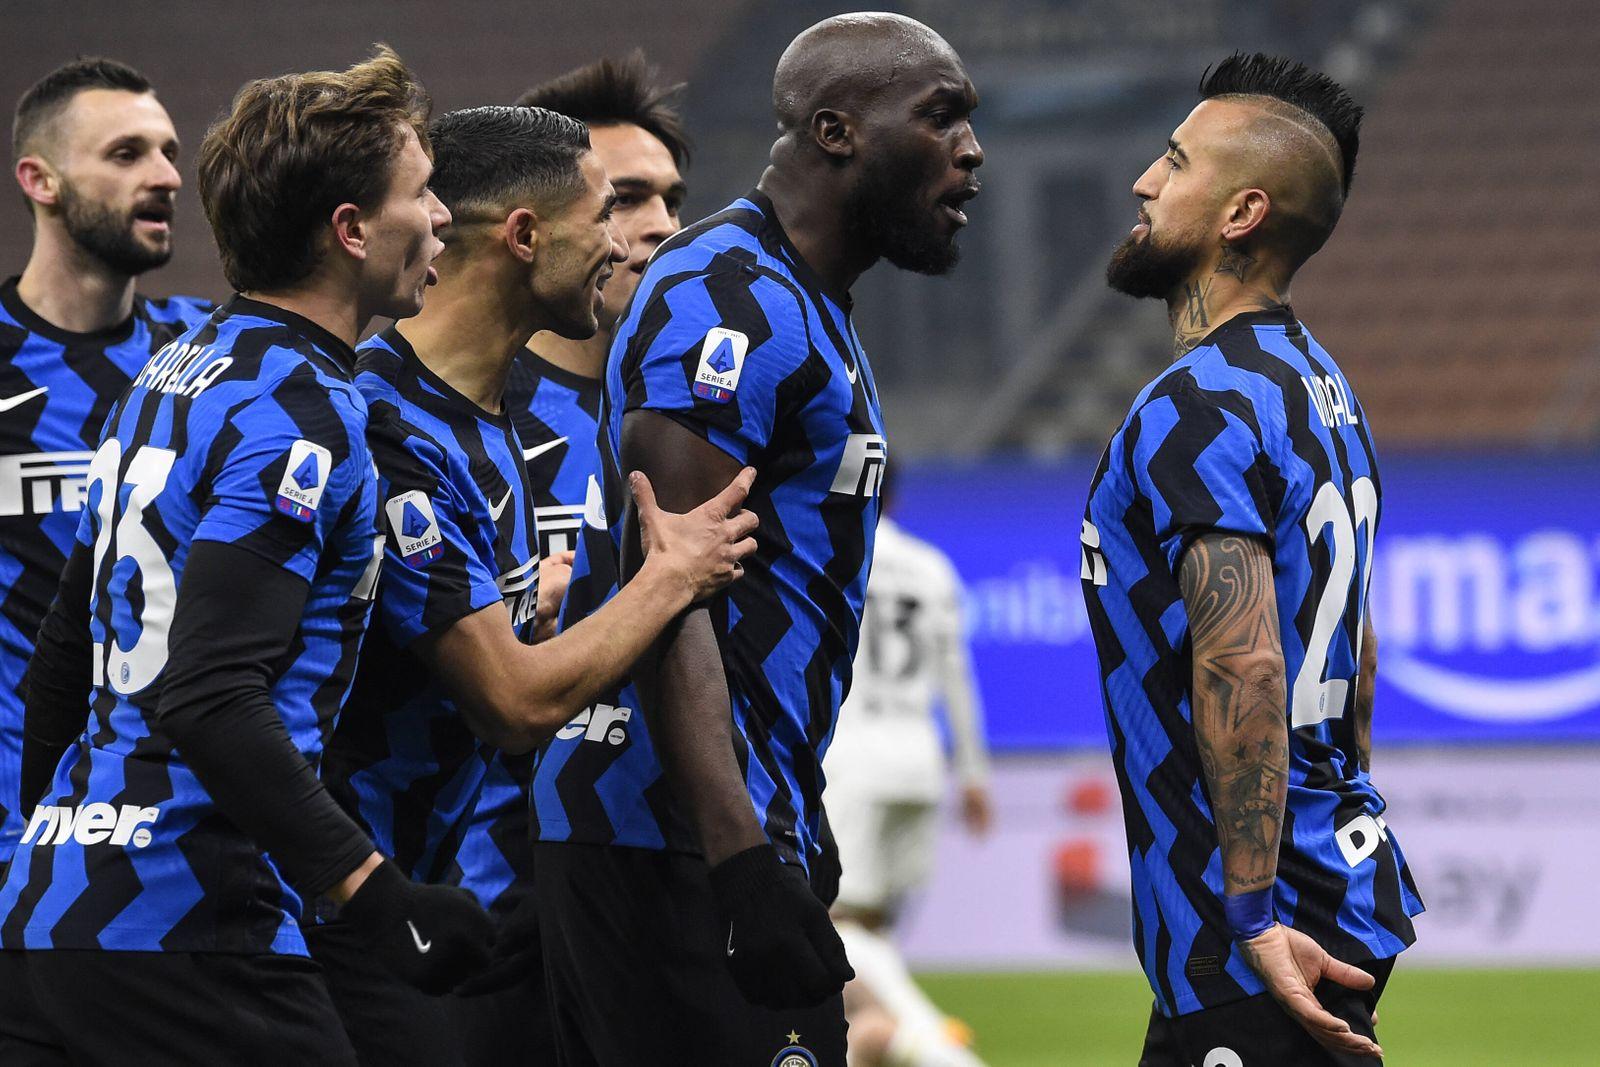 Milano 17/01/2021 - campionato di calcio serie A / Inter-Juventus / foto Image nella foto: esultanza gol Arturo Vidal PU